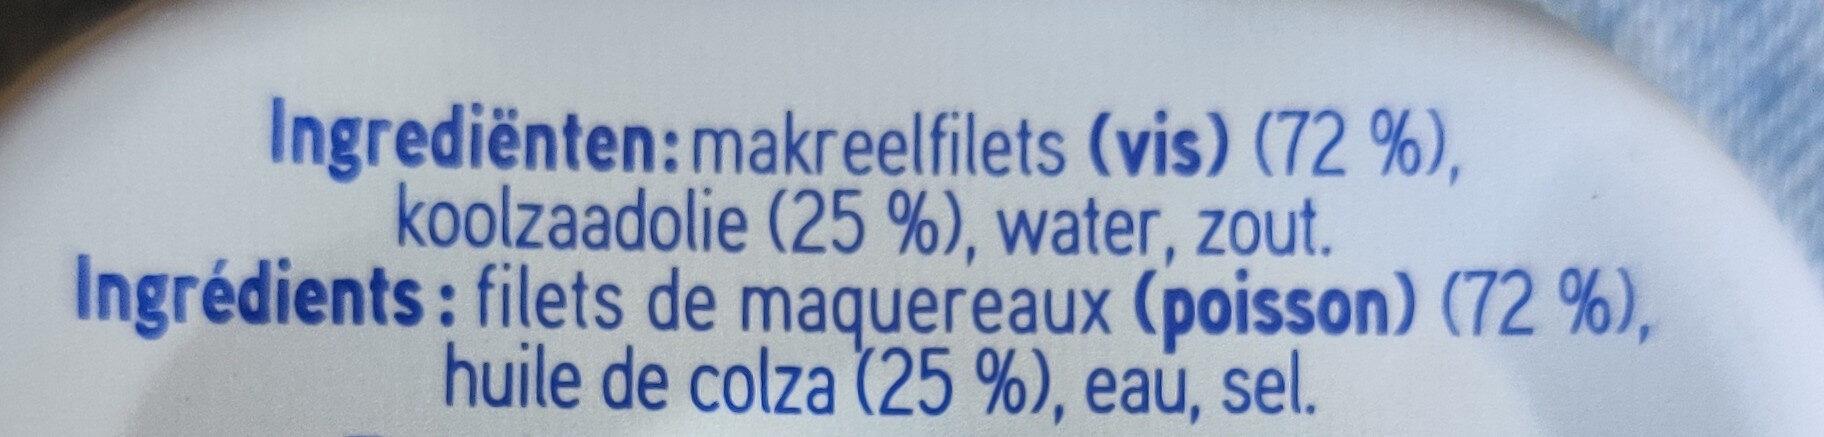 Filets de maquereaux à huile de colza - Ingredienti - fr